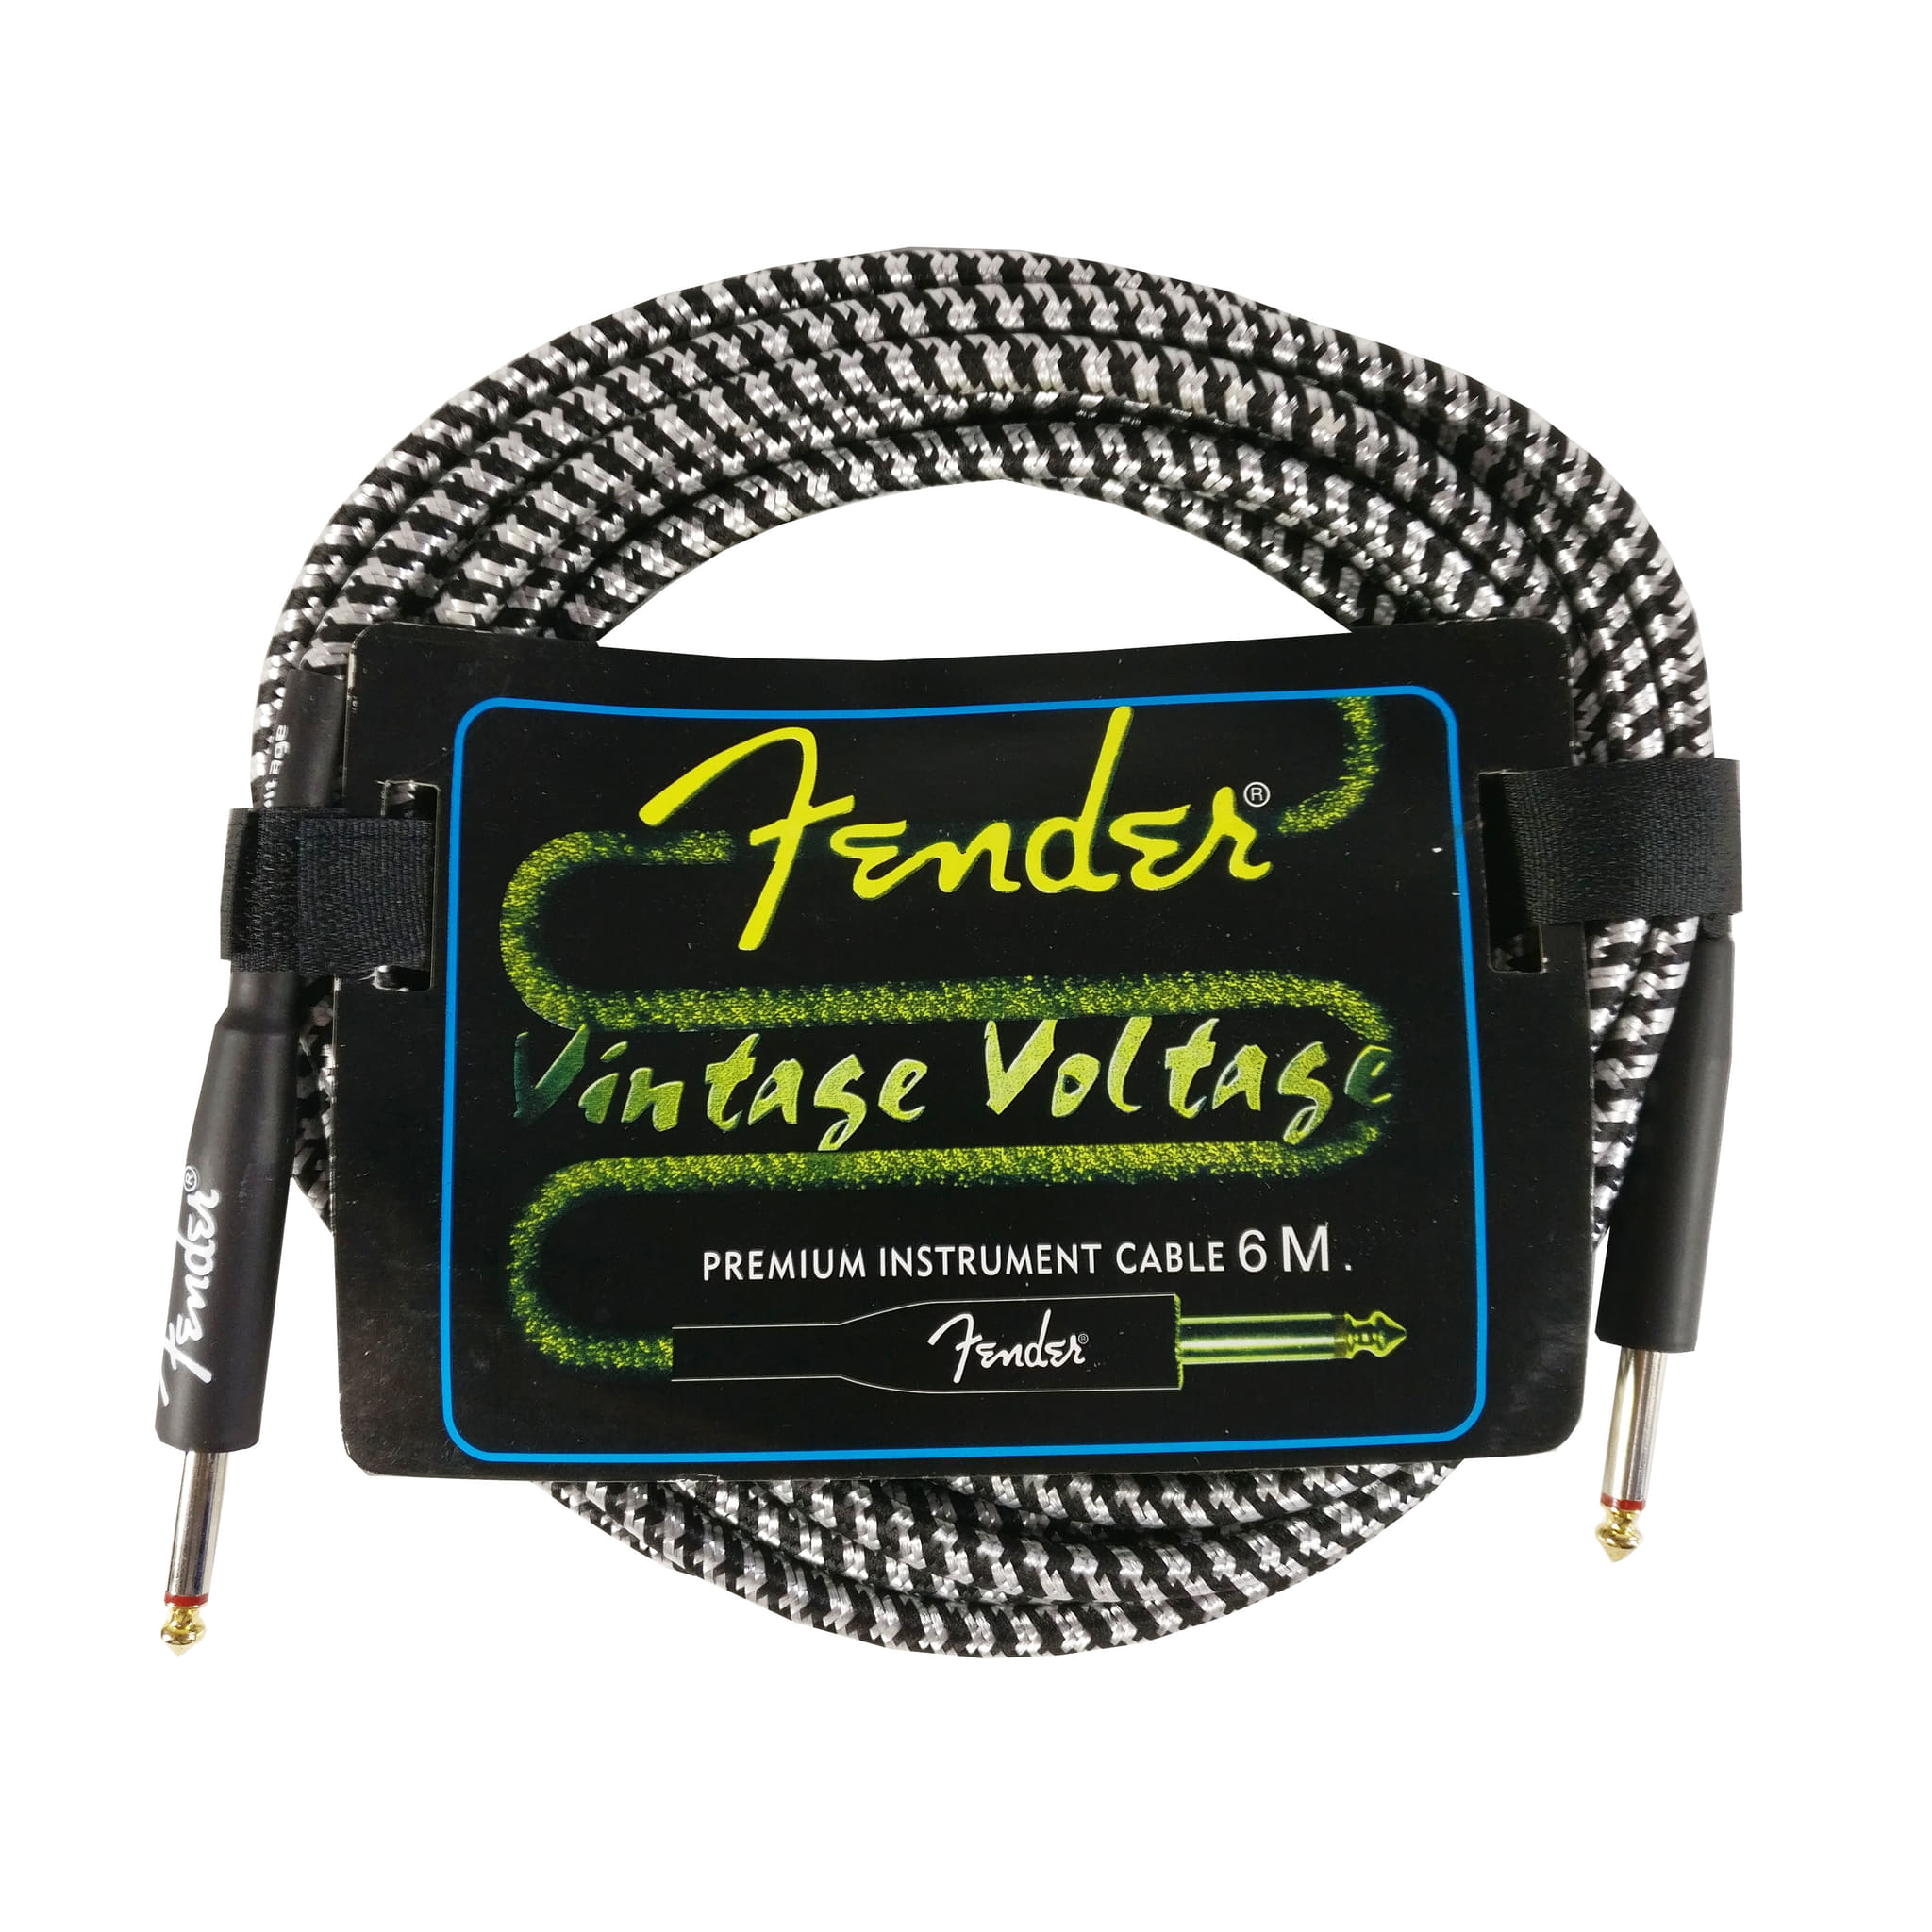 Kabel Jack Fender 6 Meter Vintage Voltage White Kabel Gitar dan Bass - Blanja.com